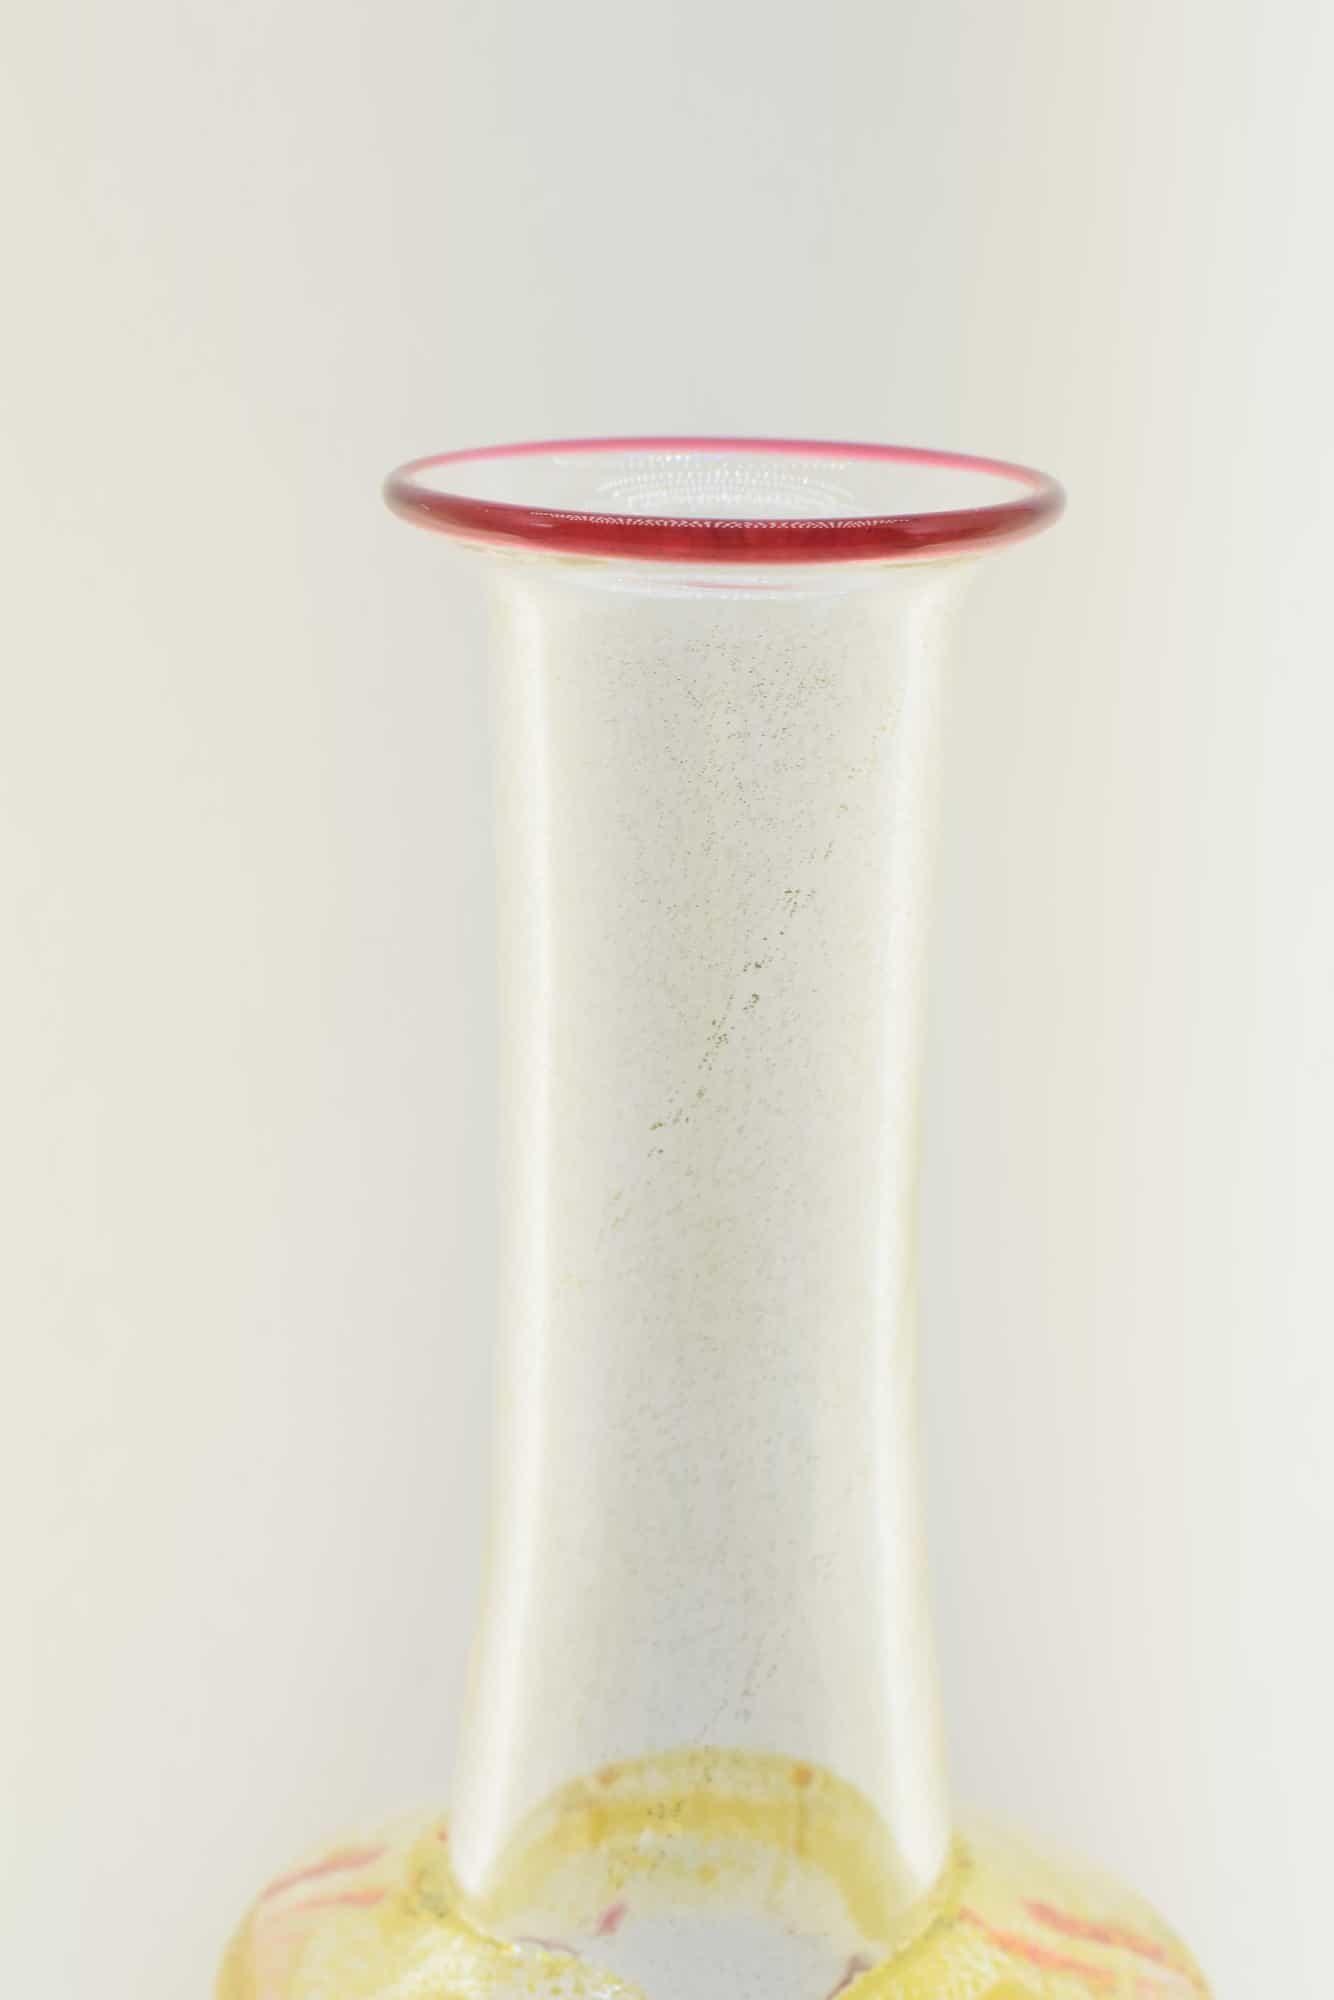 Vittorio Zecchin Murano Glasflasche aus den 30er Jahren - (Art. 36509)